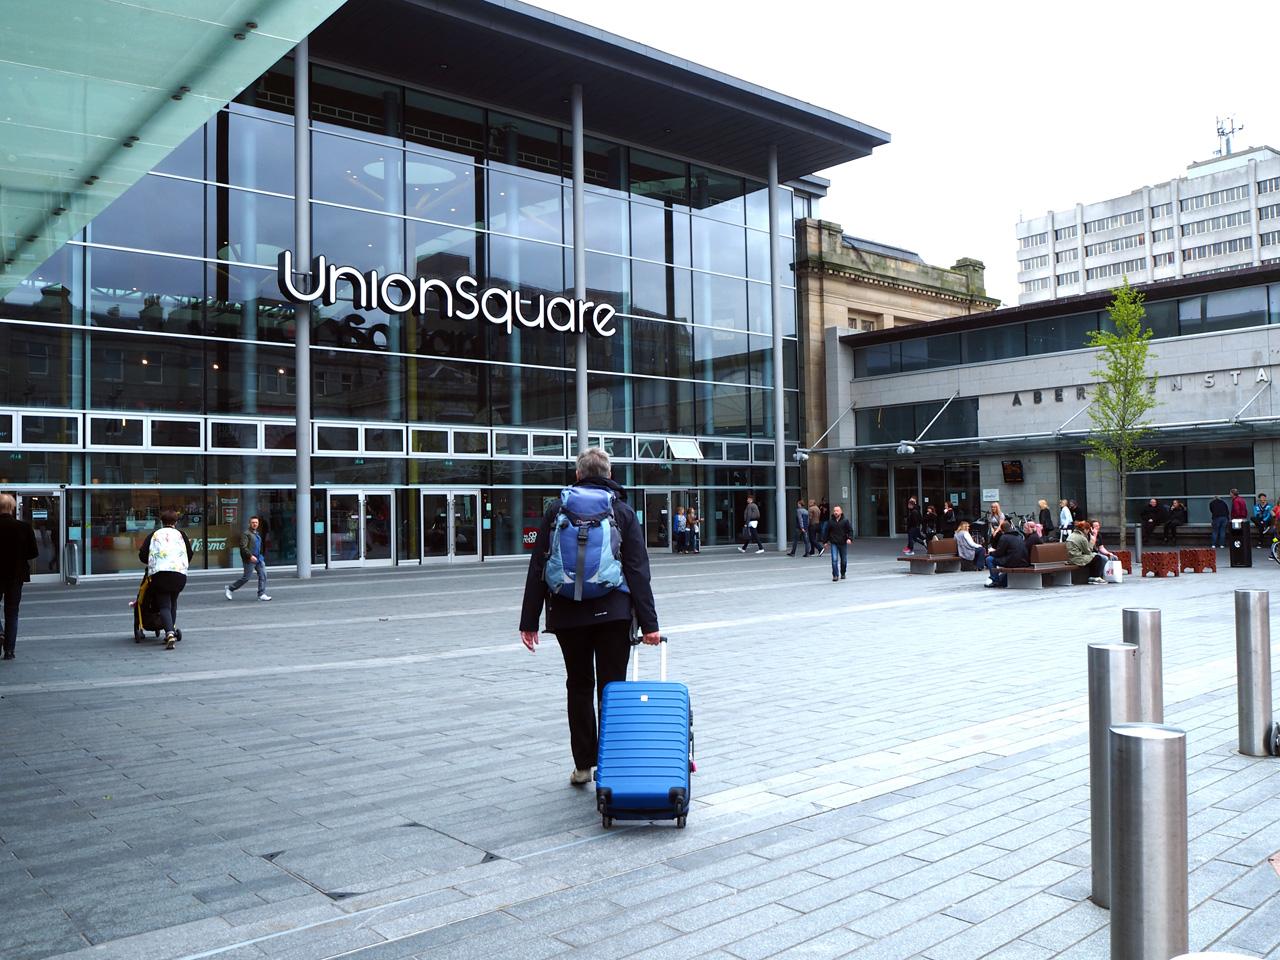 het Aberdeen bus- en treinstation met overdekt winkelcentrum